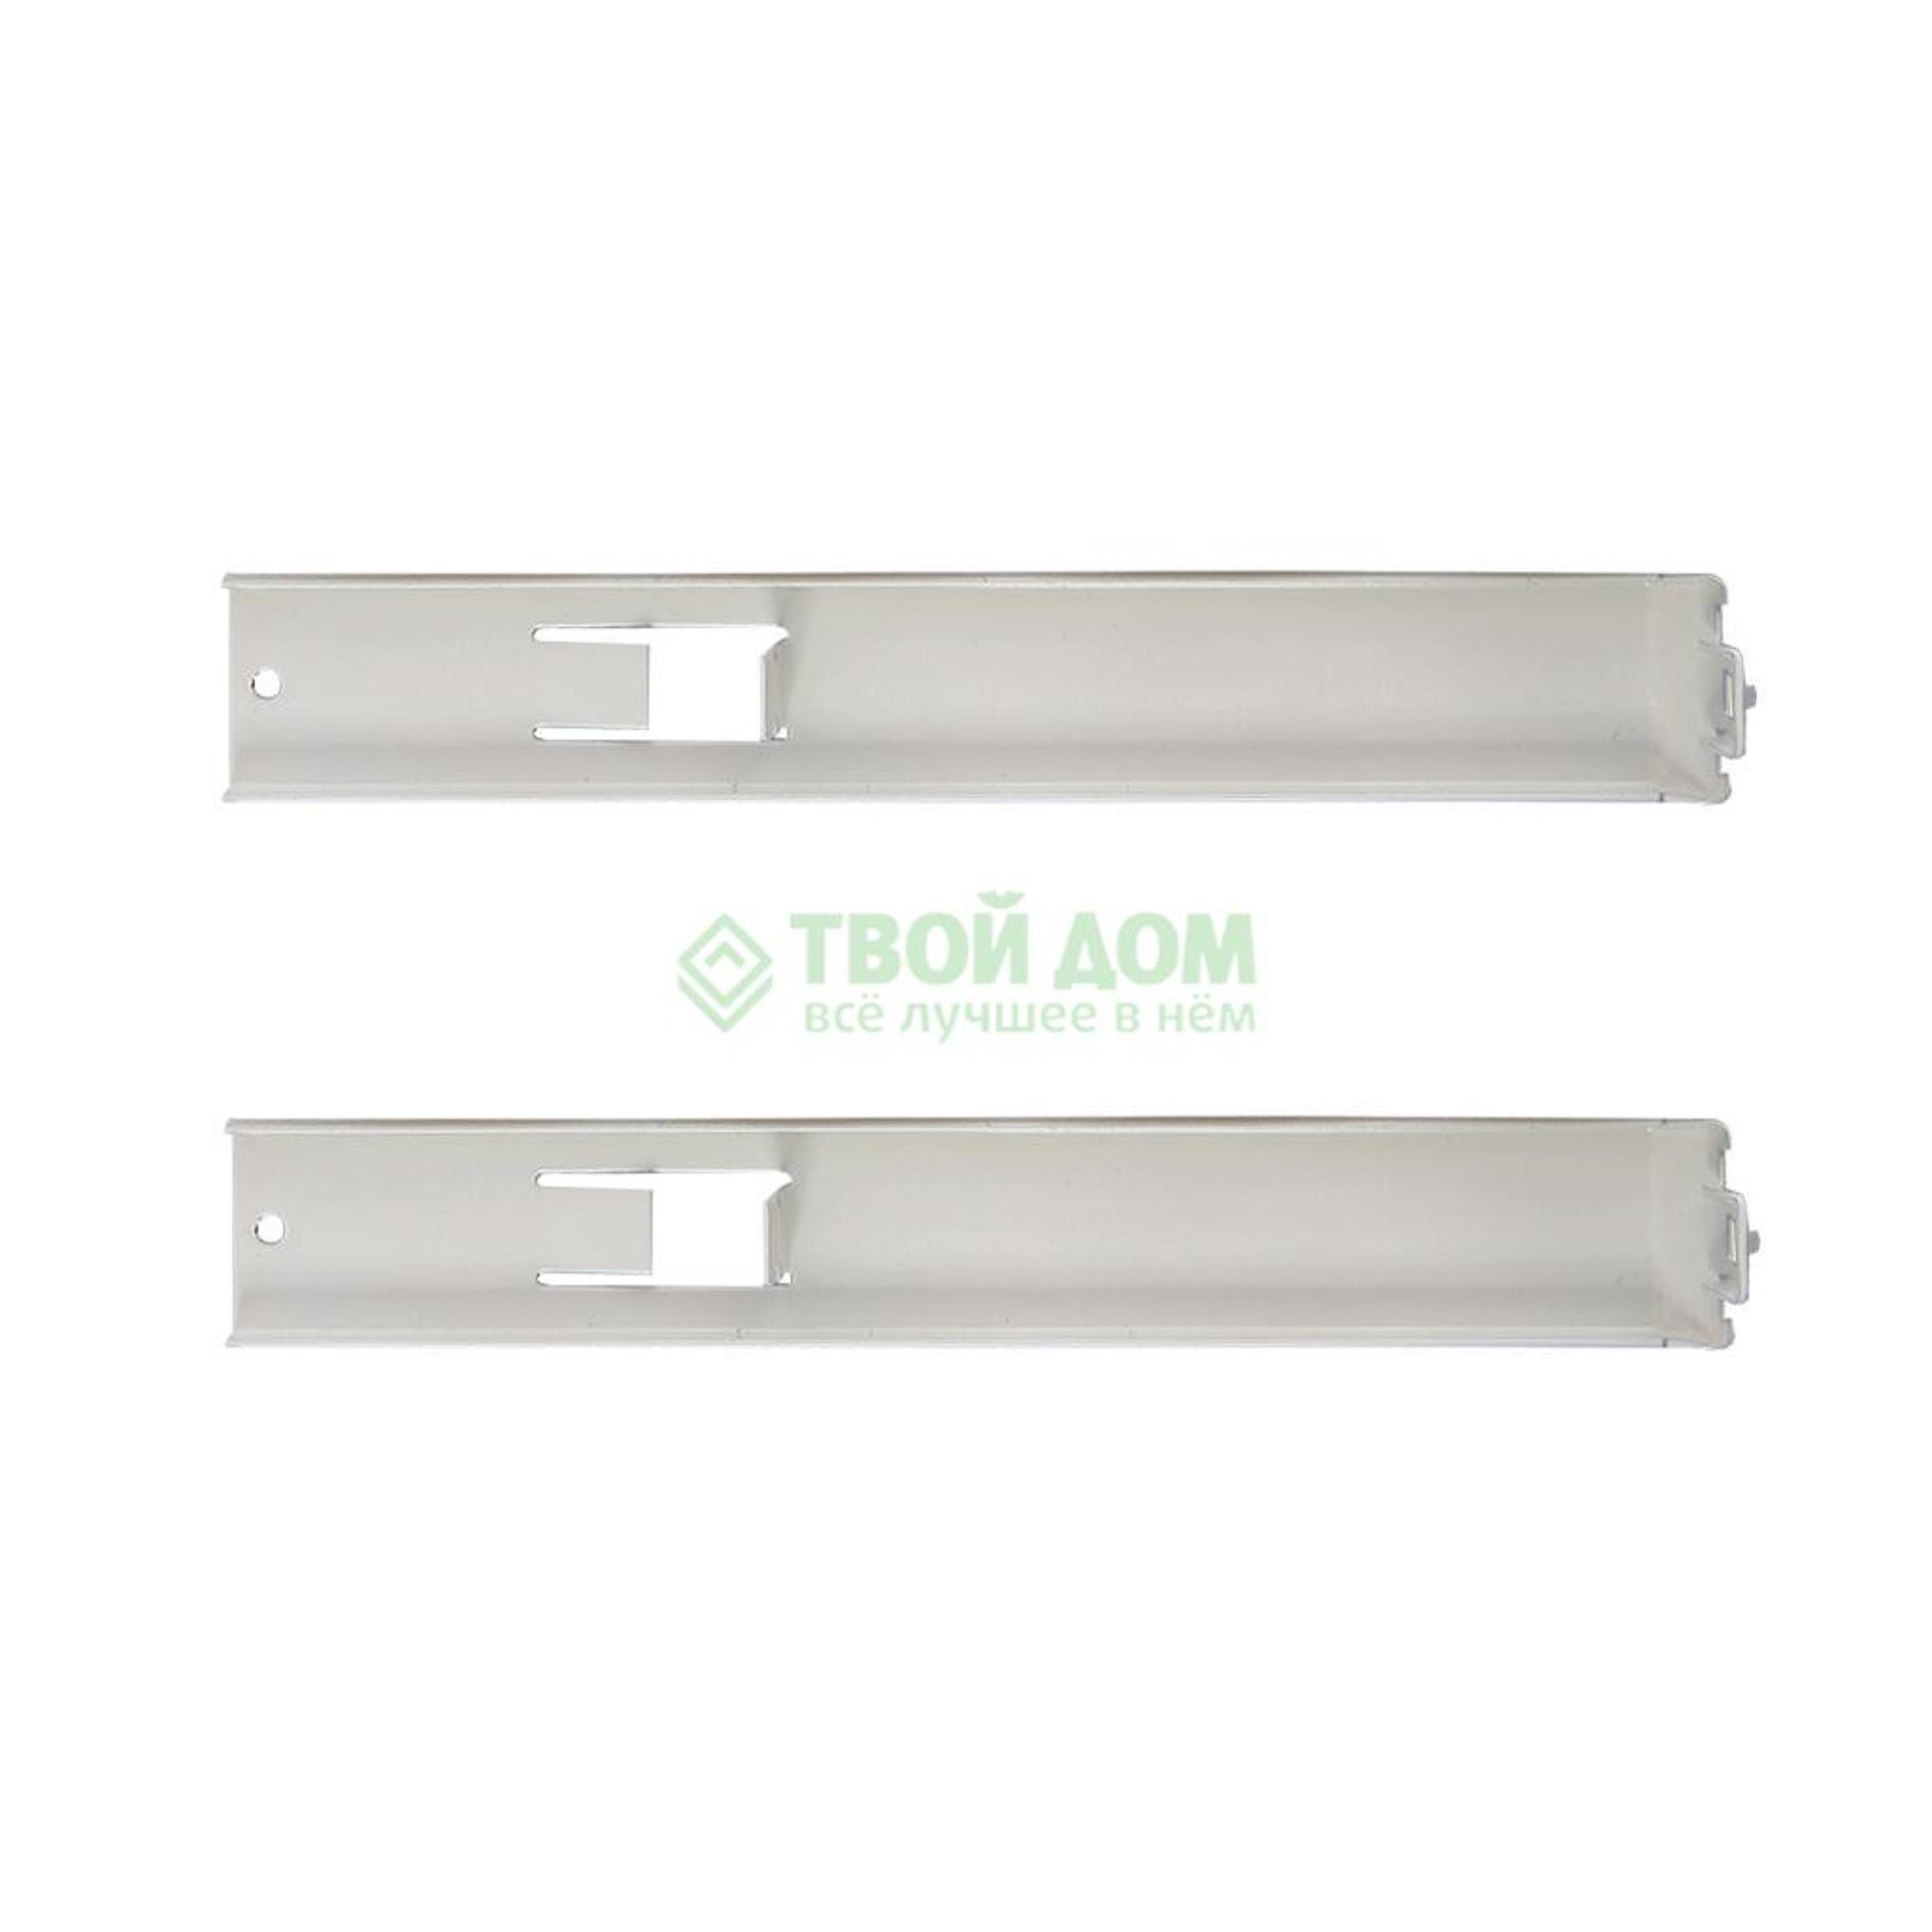 Ножки для конвекторов высотой 20 см fs20 Nobo матрасы 12 см высотой